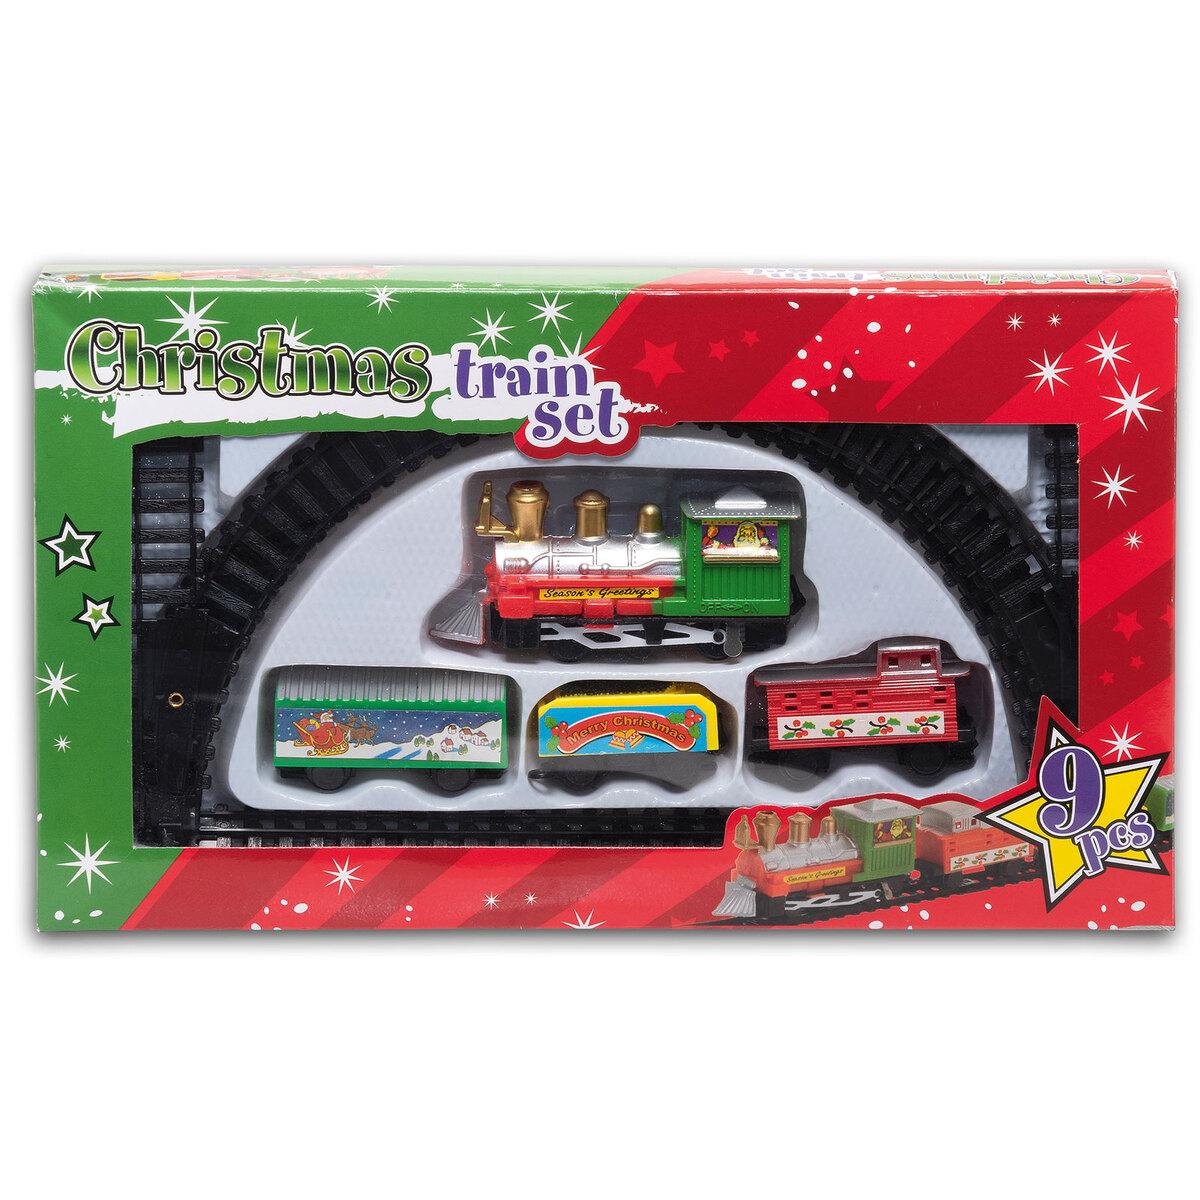 Bild 1 von 9-teiliges Weihnachtszug-Set - mit Güterwagen